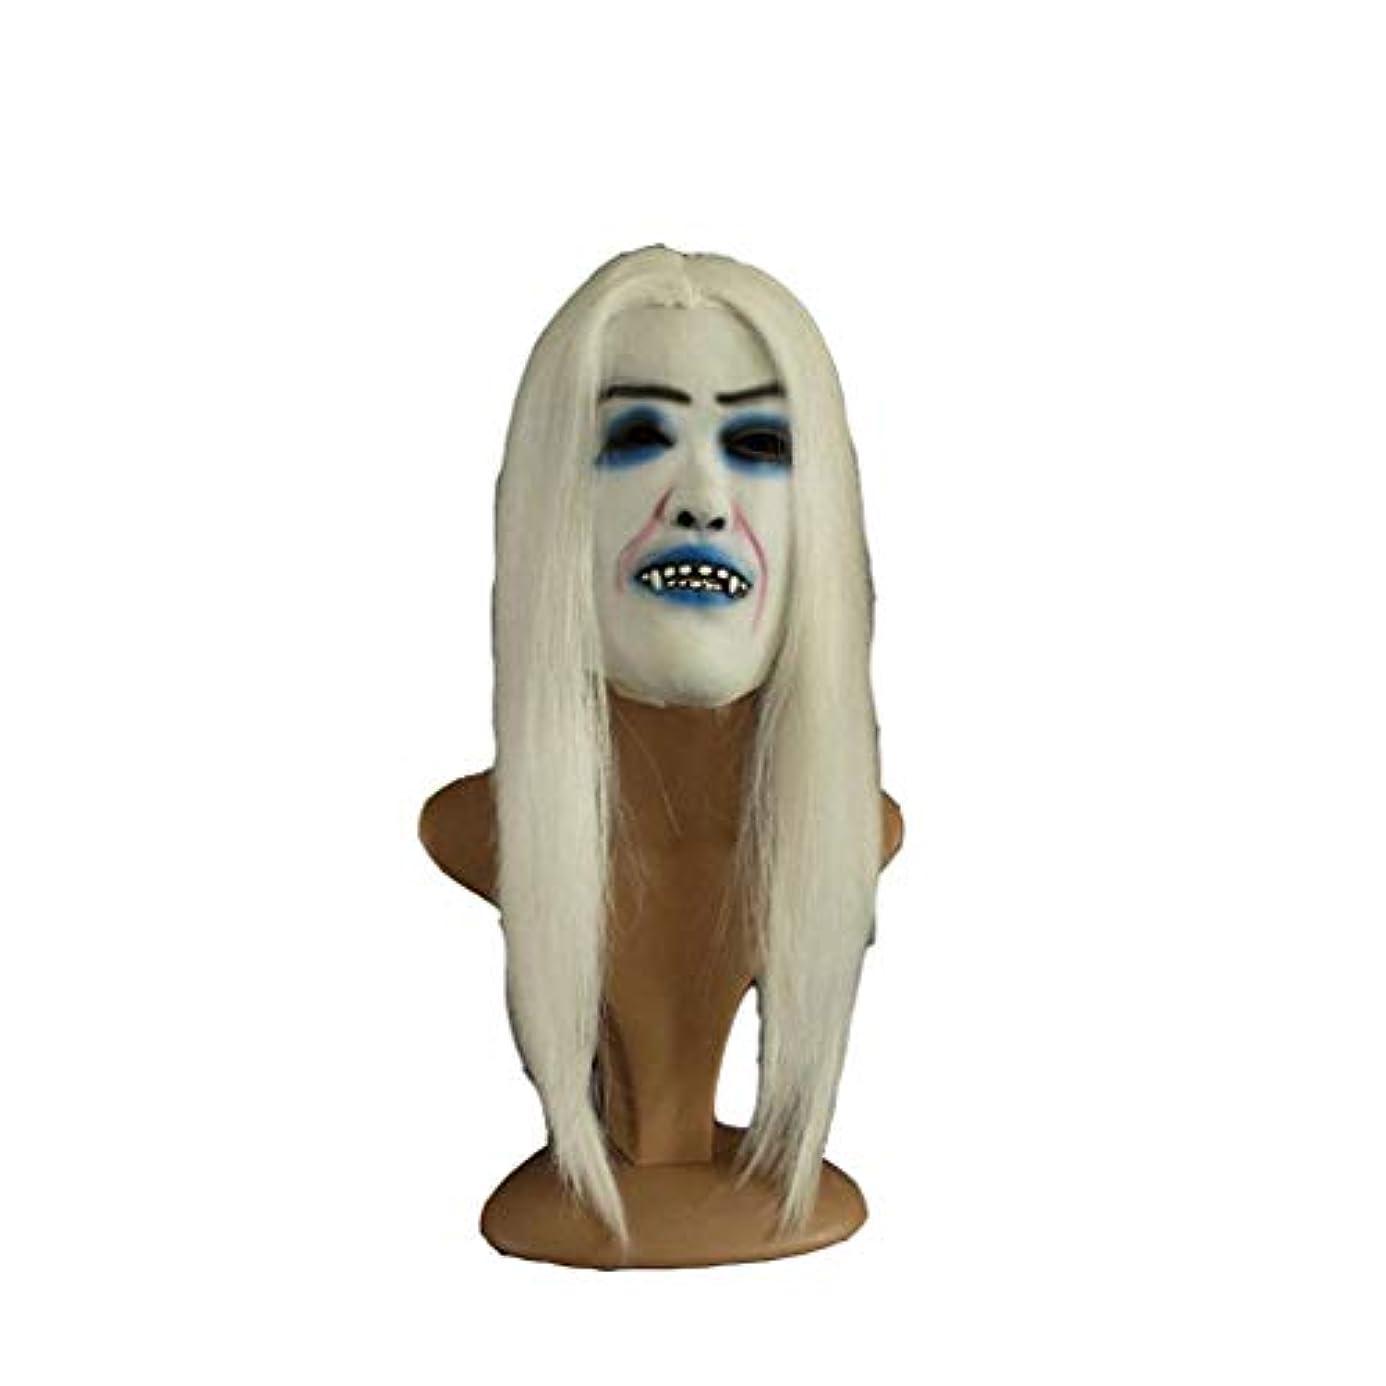 下品リマーク確認するハロウィンホラーマスク、白の顔をしかめたかつらコスプレ怖い吸血鬼のかつら22 * 21 cm髪の長さ67 cm